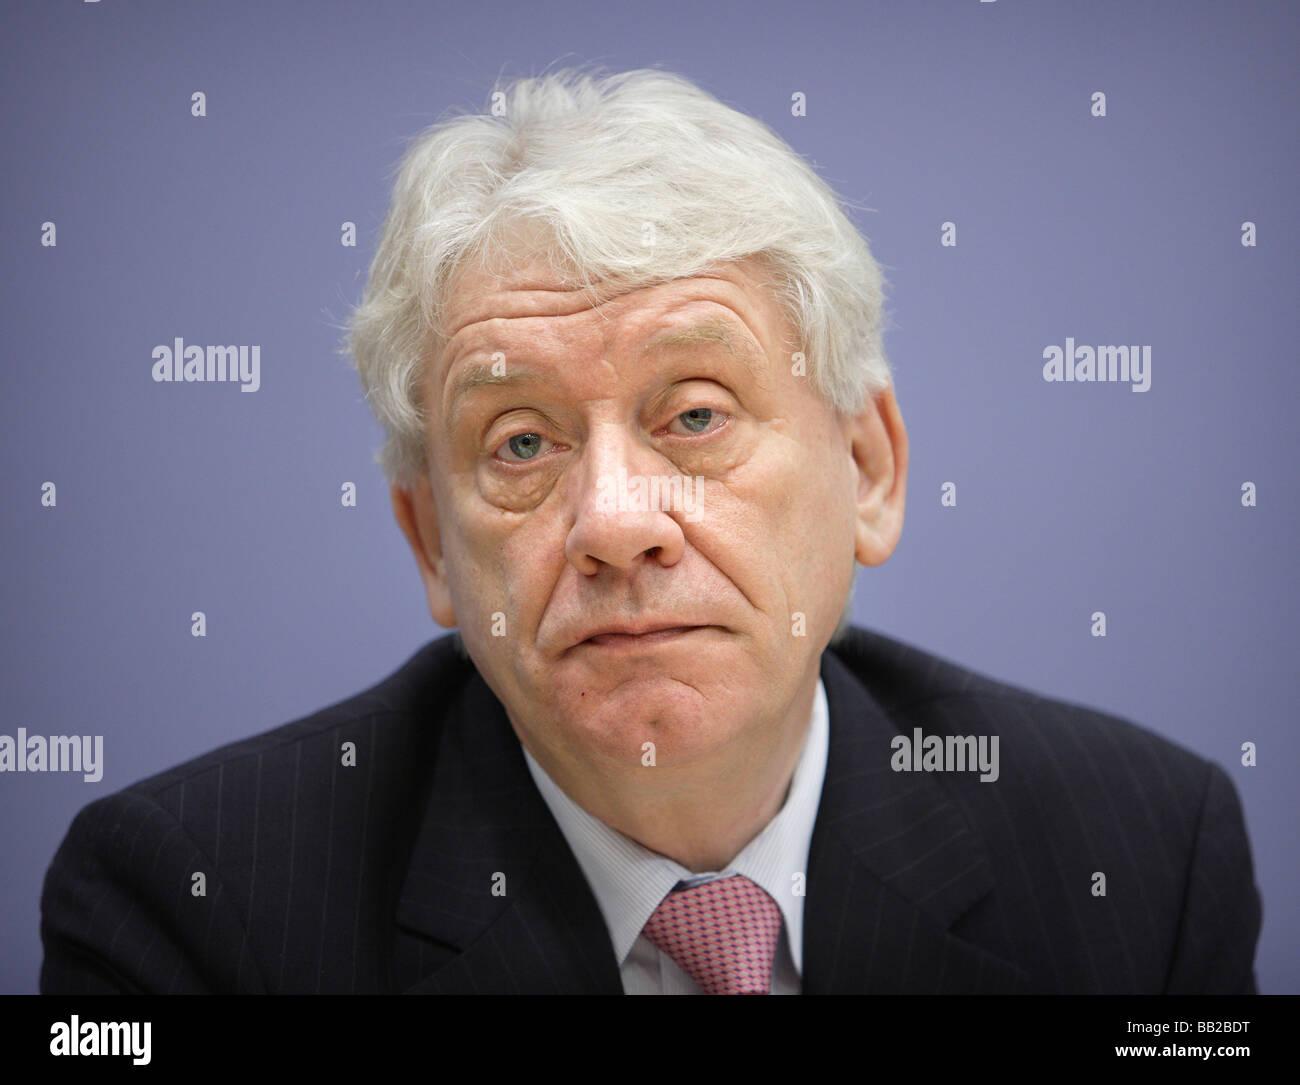 Juergen KOPPELIN haushaltspolitischer Sprecher der FDP Bundestagsfraktion Berlin Deutschland Juergen KOPPELIN FDP Stock Photo